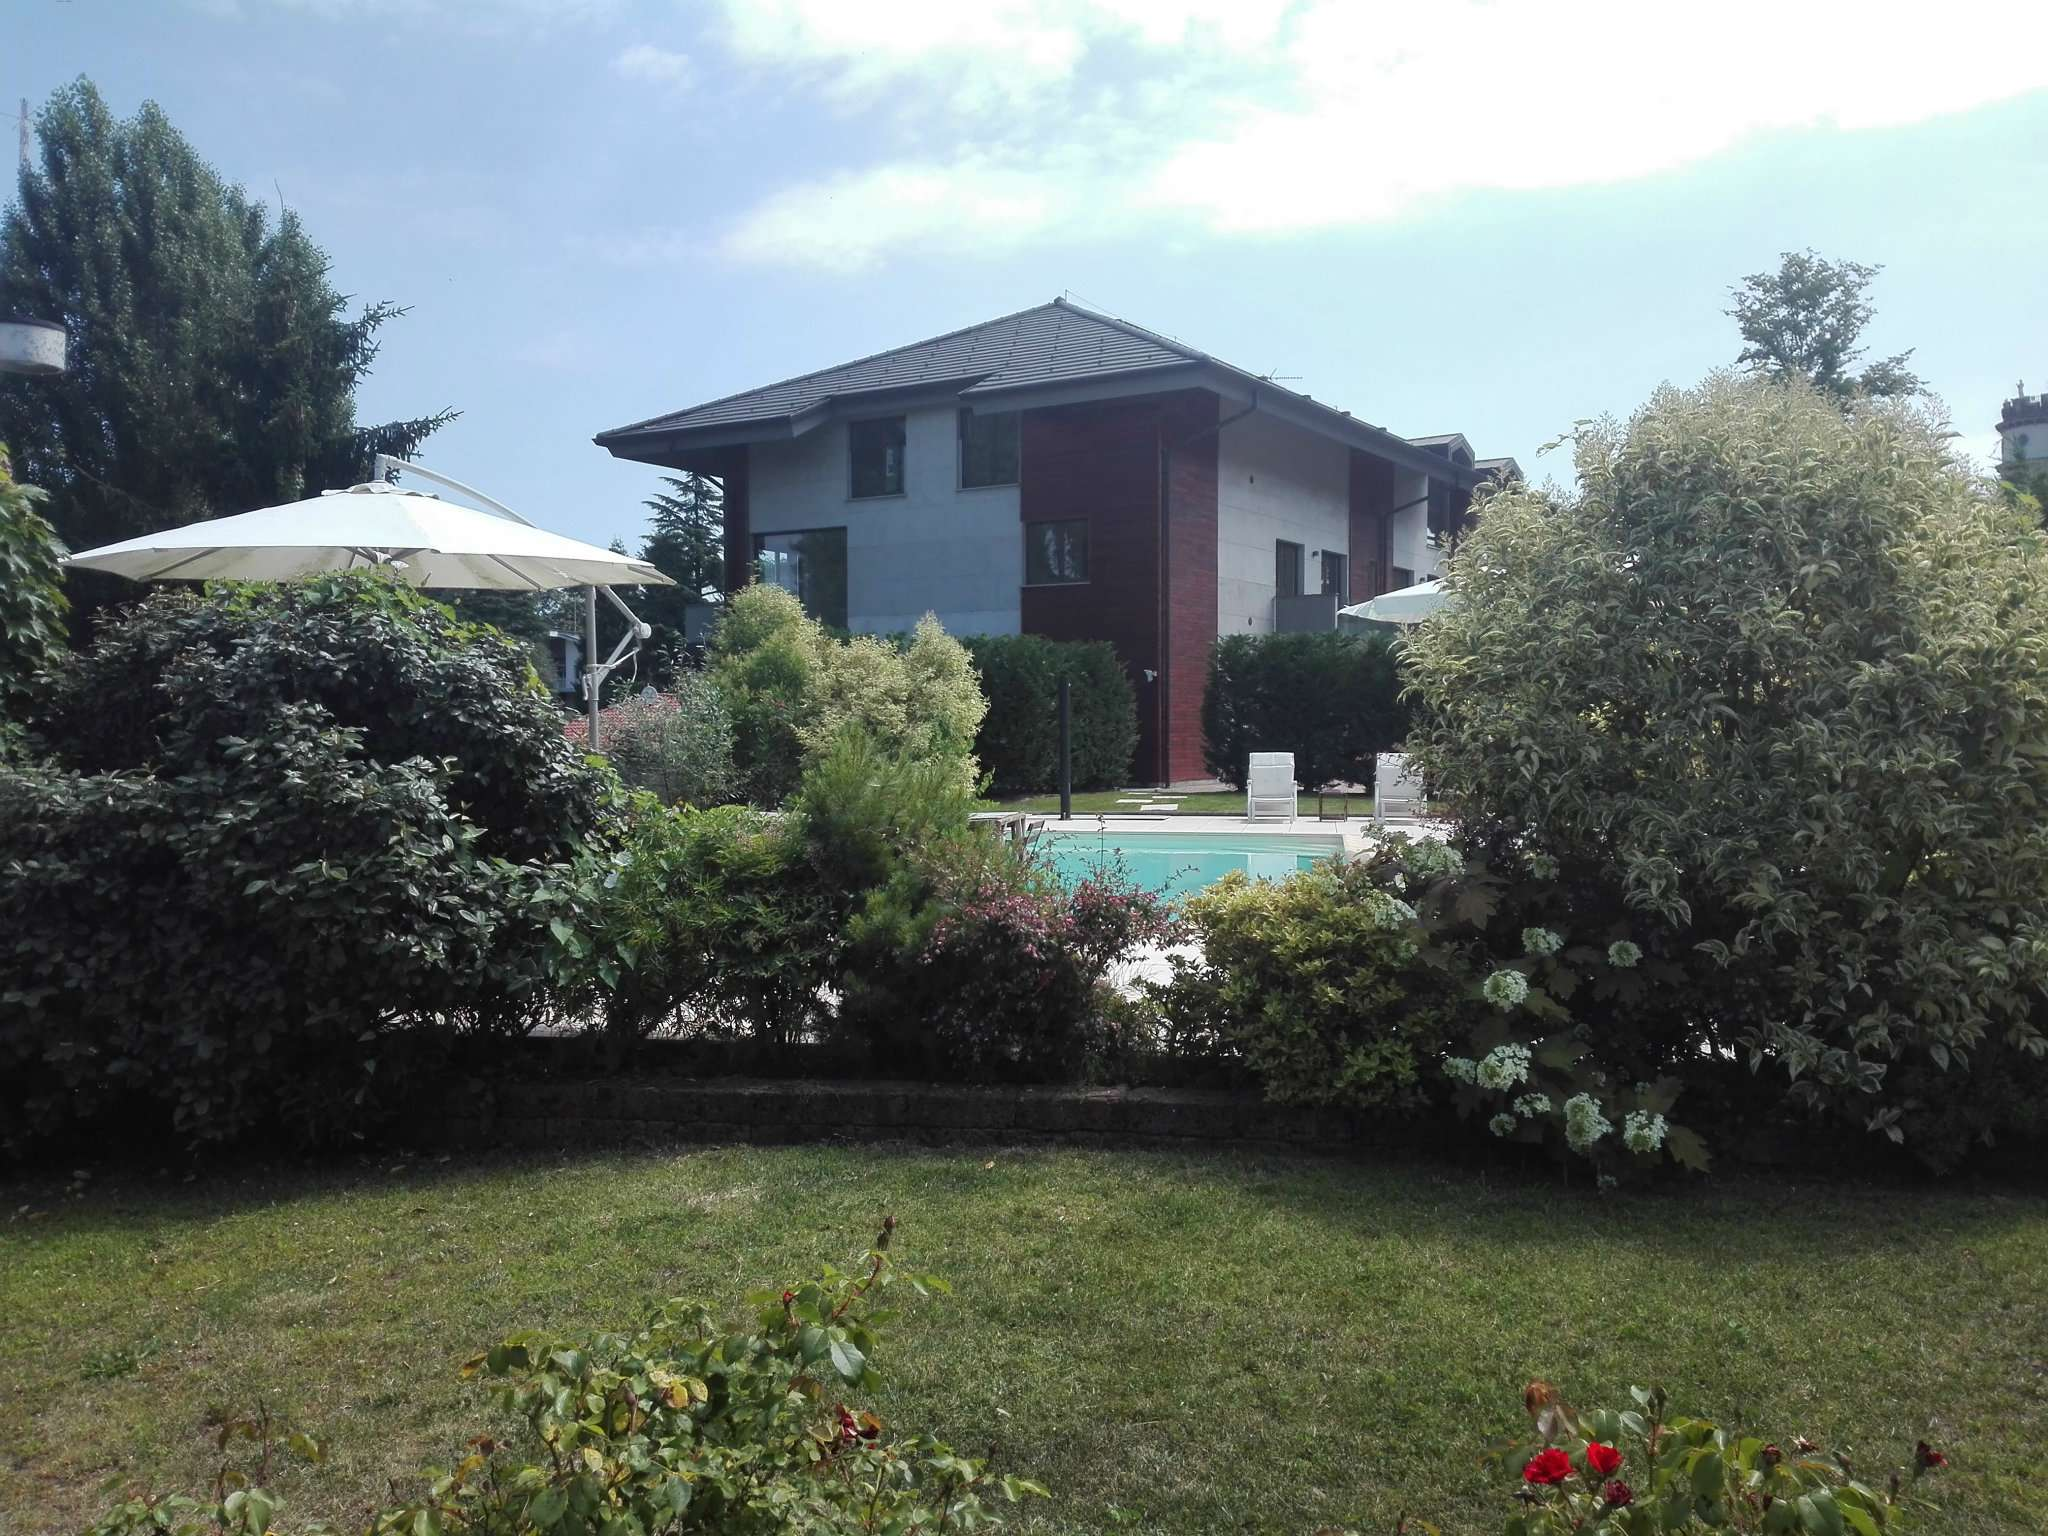 Appartamento in vendita a Pecetto Torinese, 2 locali, prezzo € 158.000 | CambioCasa.it